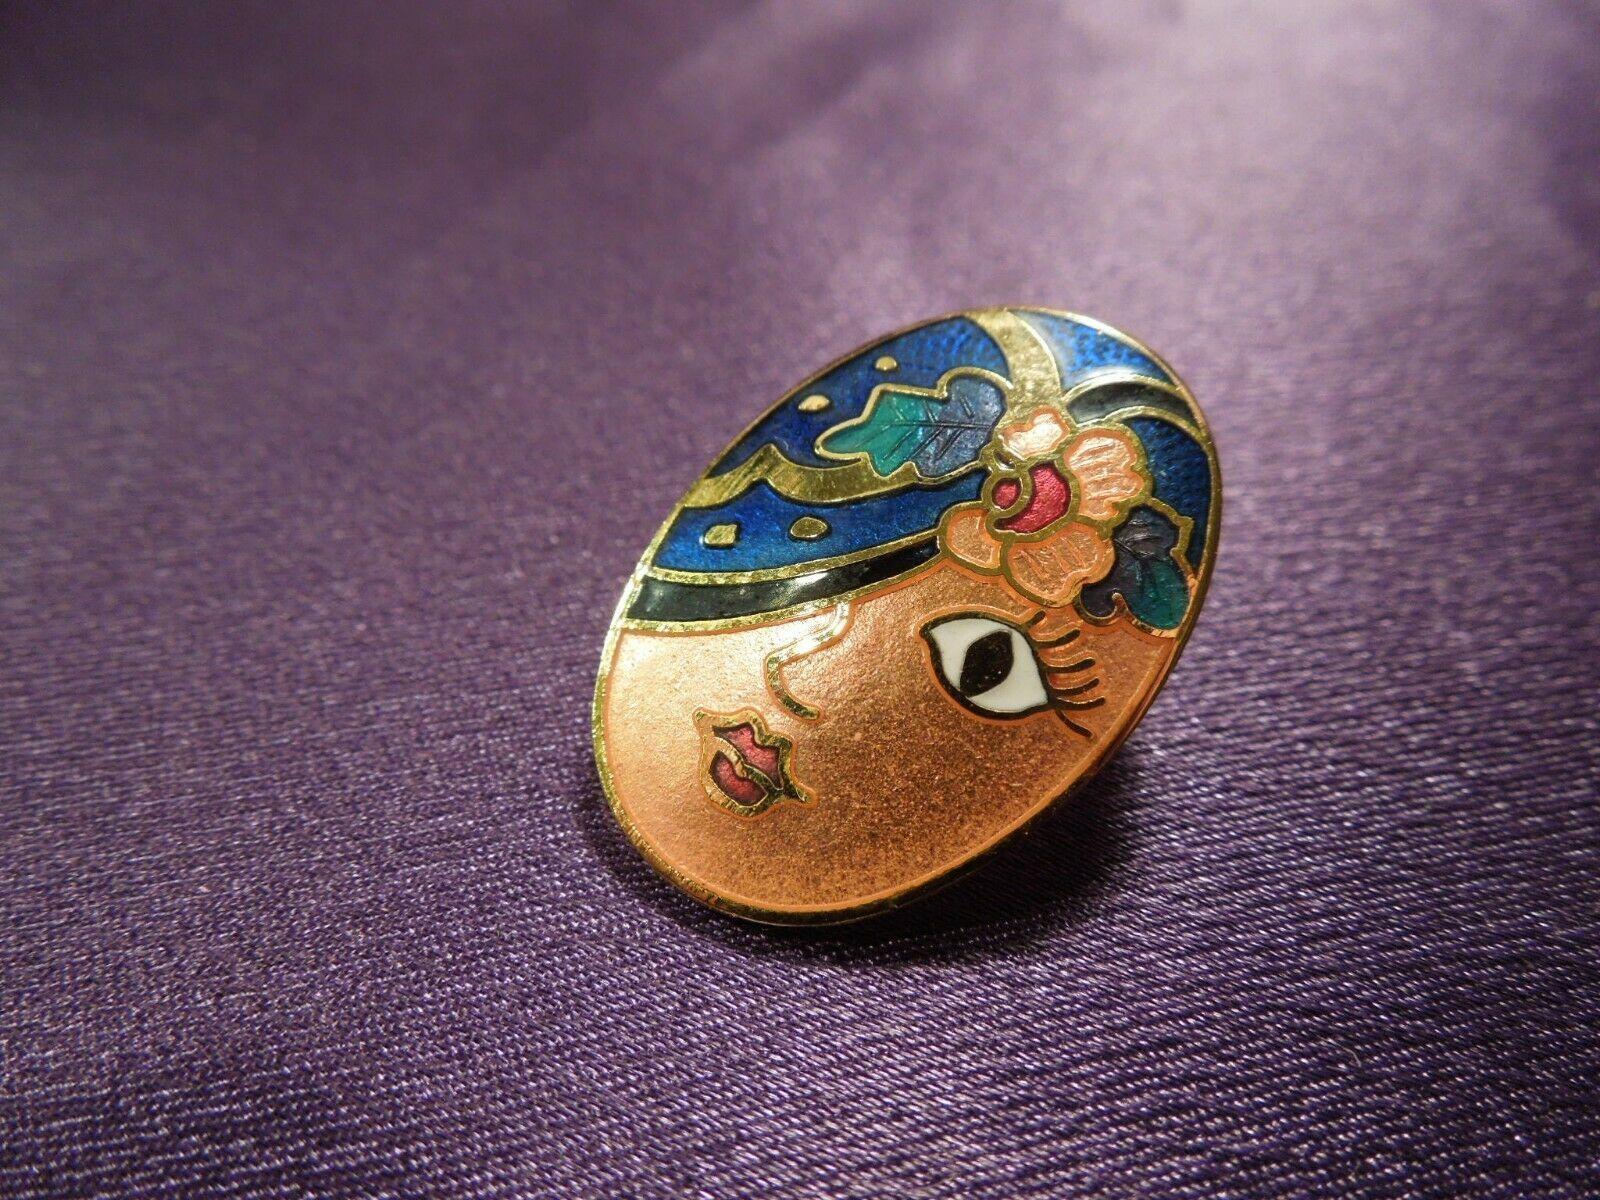 Vintage Enamel Gypsy Fortune Teller Face W/ Scarf Over Eye Oval Stud Earrings image 6